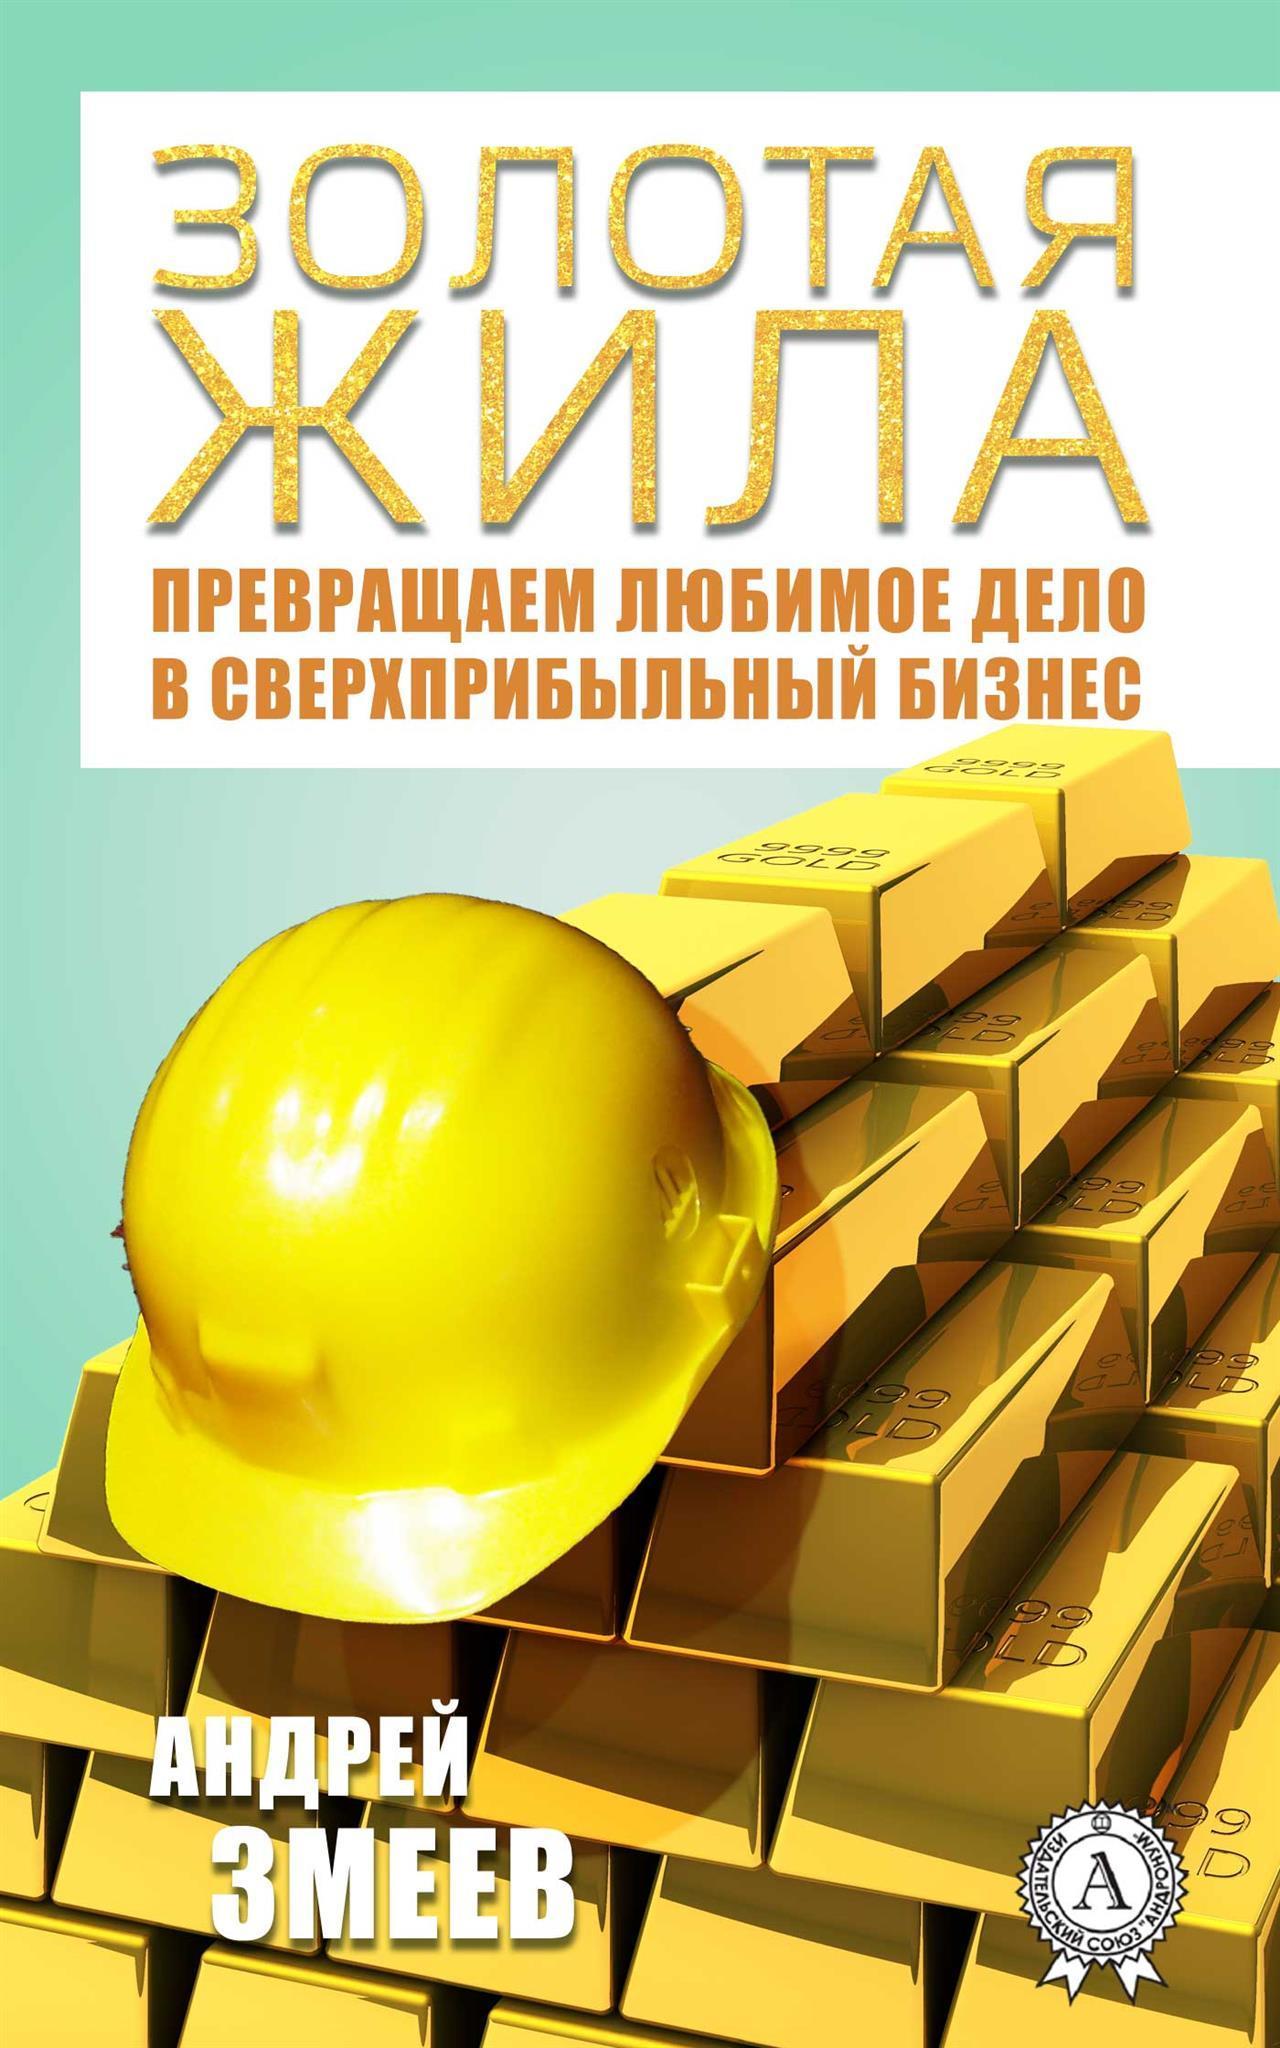 Обложка книги. Автор - Андрей Змеев